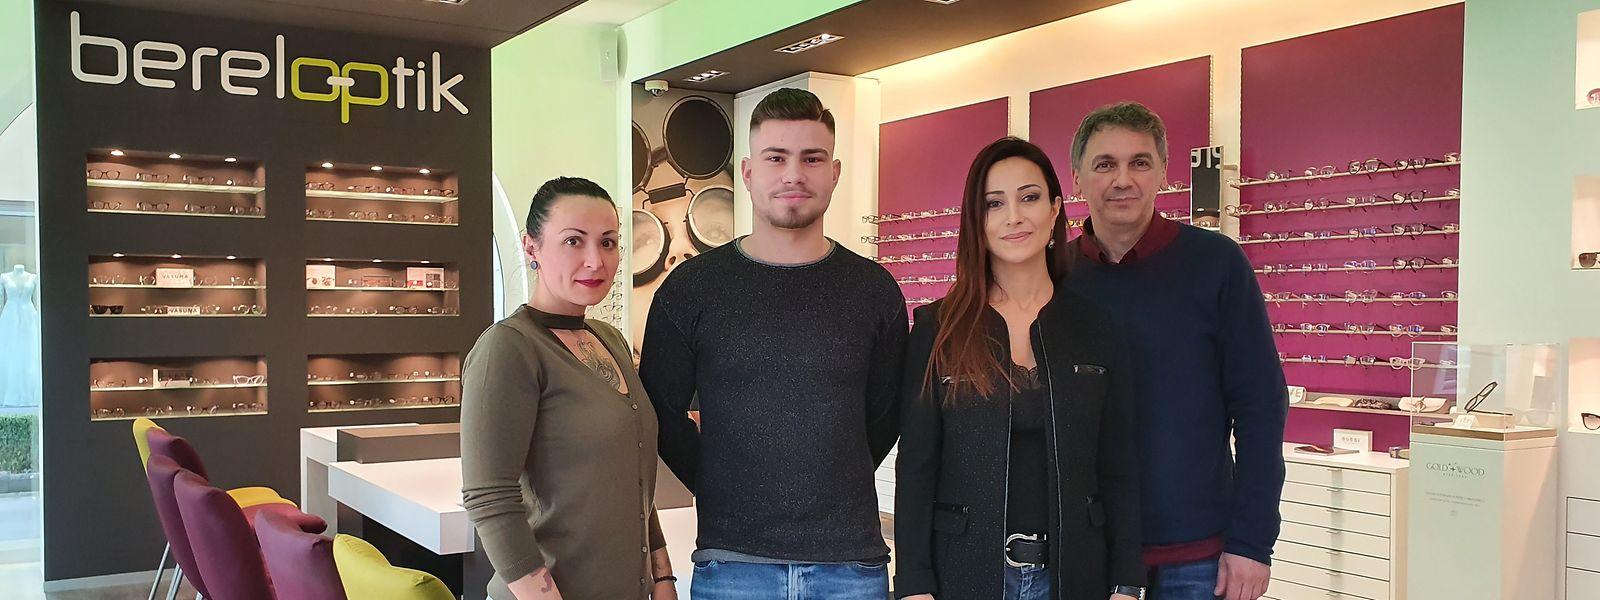 A equipa da Bereloptik (da esq. para a dta) Marisa Gomes (oculista), Hugo Loureiro (oculista), Cristina Valente Simões (Optometrista) e Joseph Barberio (Oculista)